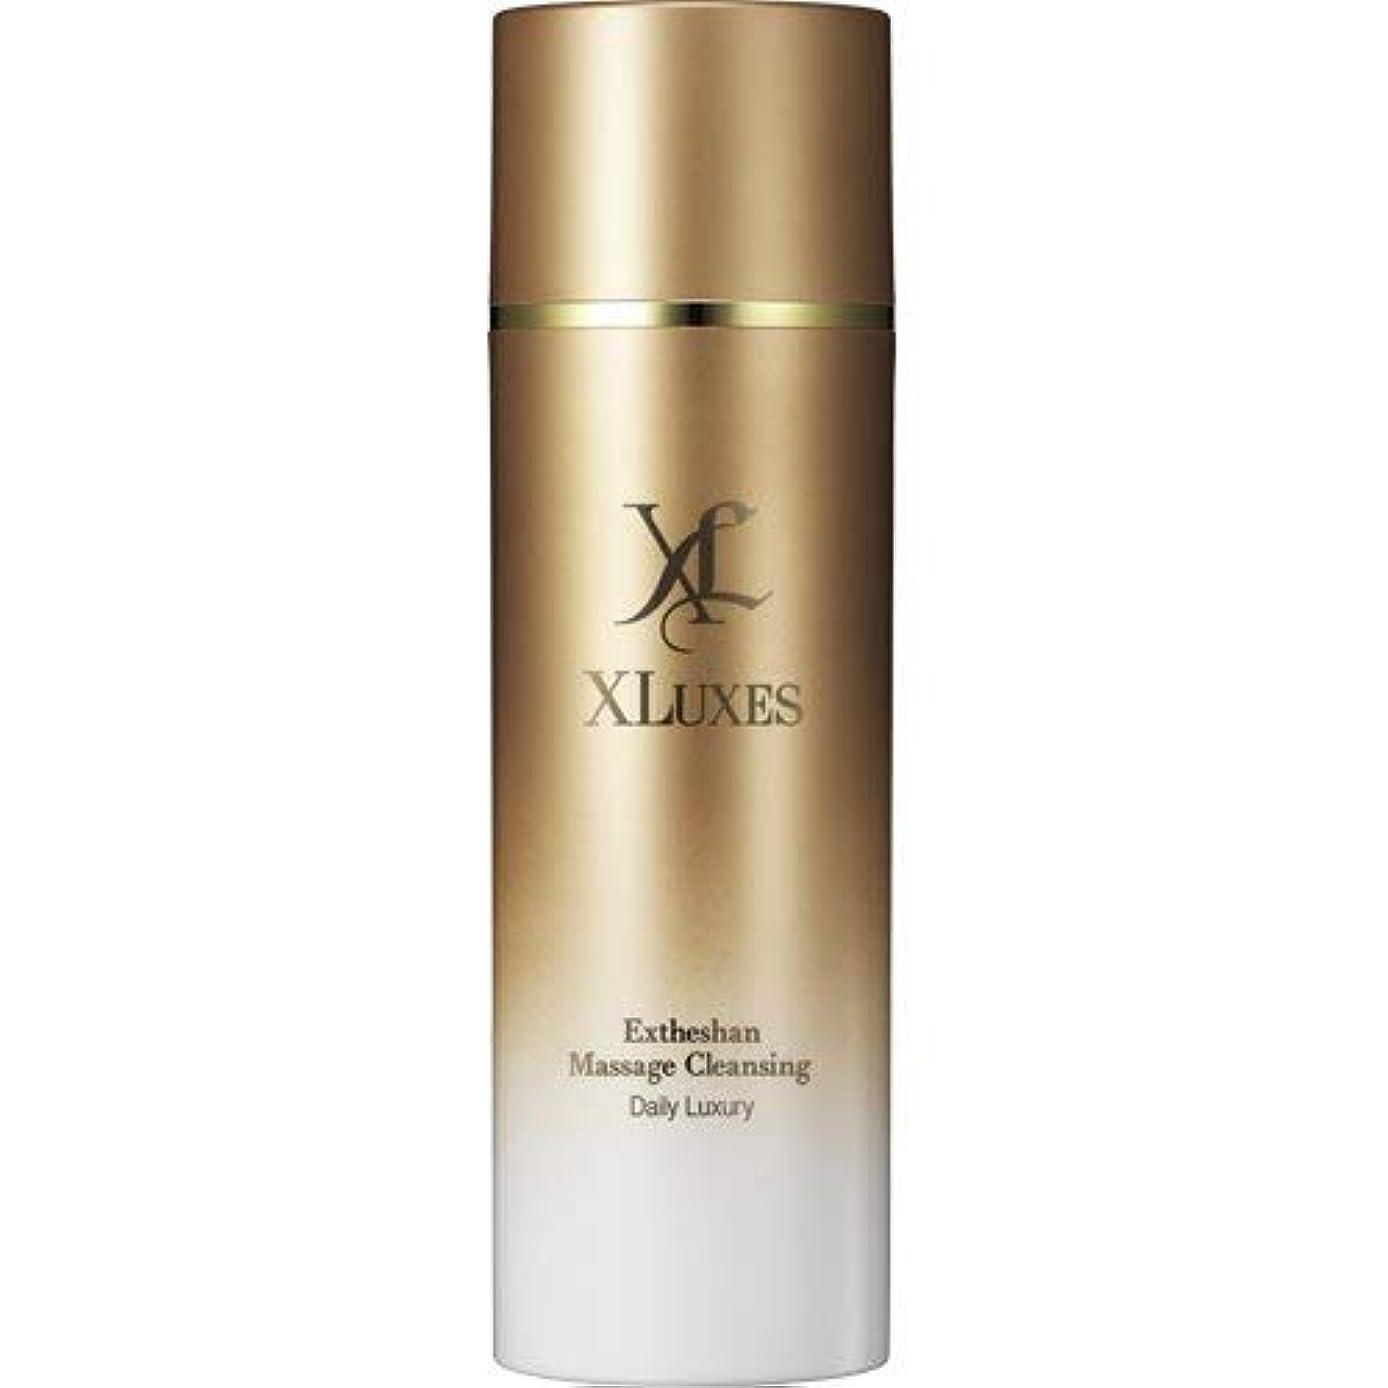 骨の折れる反応するそばにXLUXES クレンジング [ヒト幹細胞 培養液配合] エグゼティシャン マッサージクレンジング (ダマスクローズの香り) メイク落とし